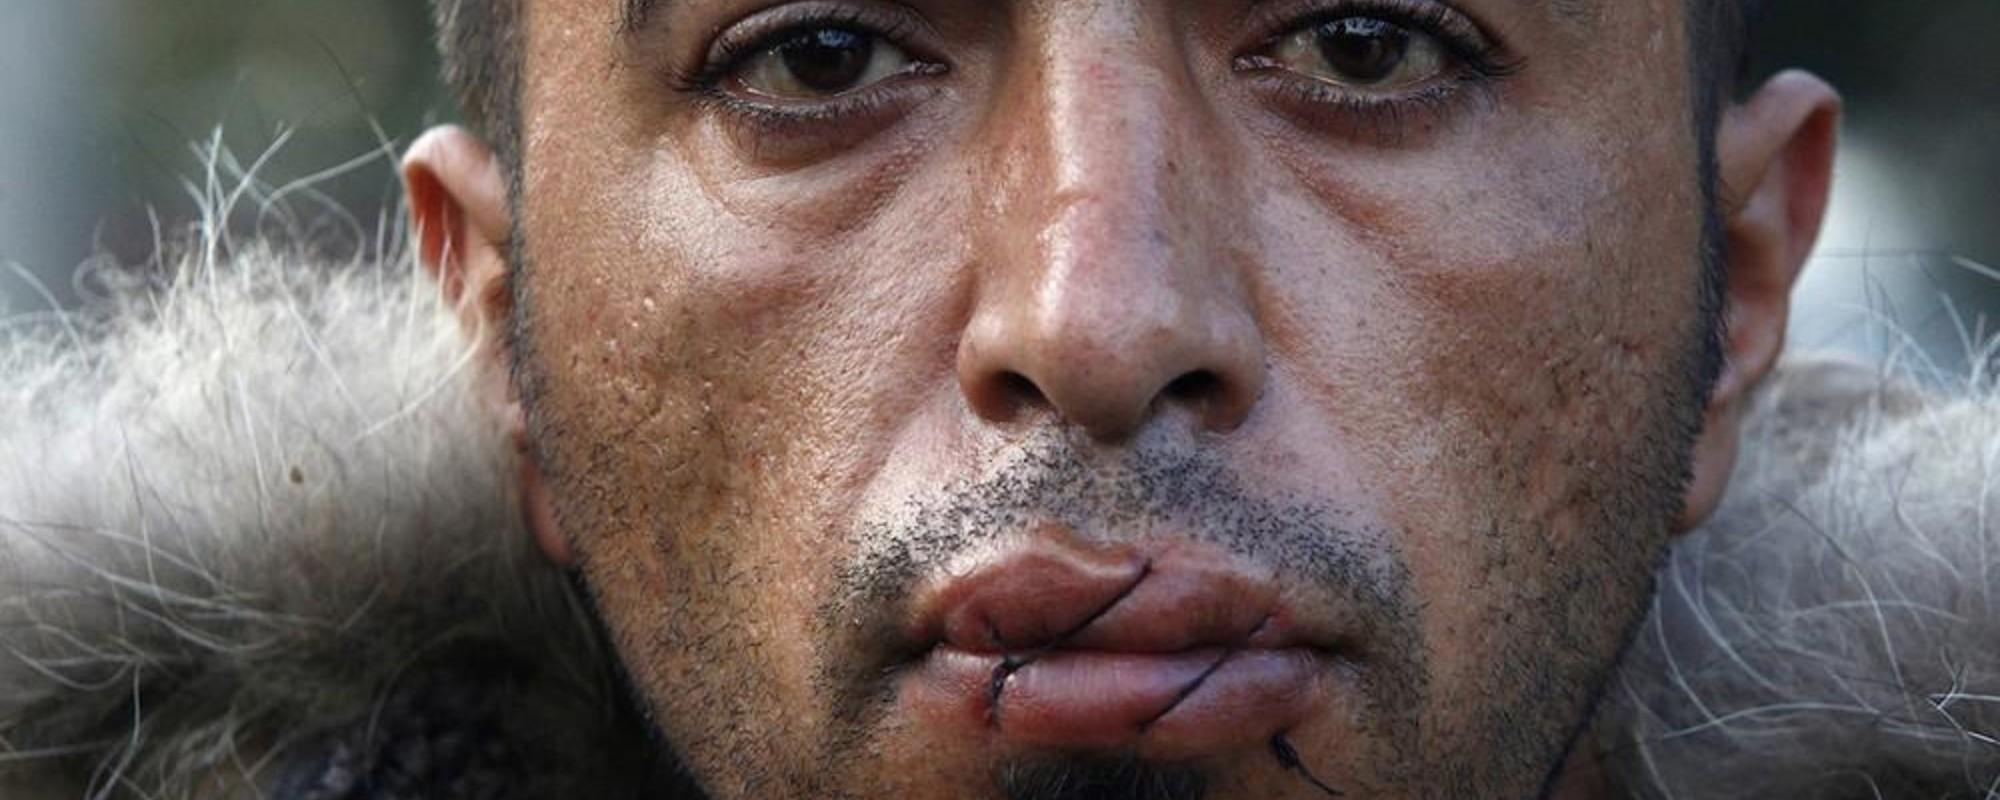 Portrætter af de iranske demonstranter, der syede deres munde sammen ved den græsk-makedonske grænse